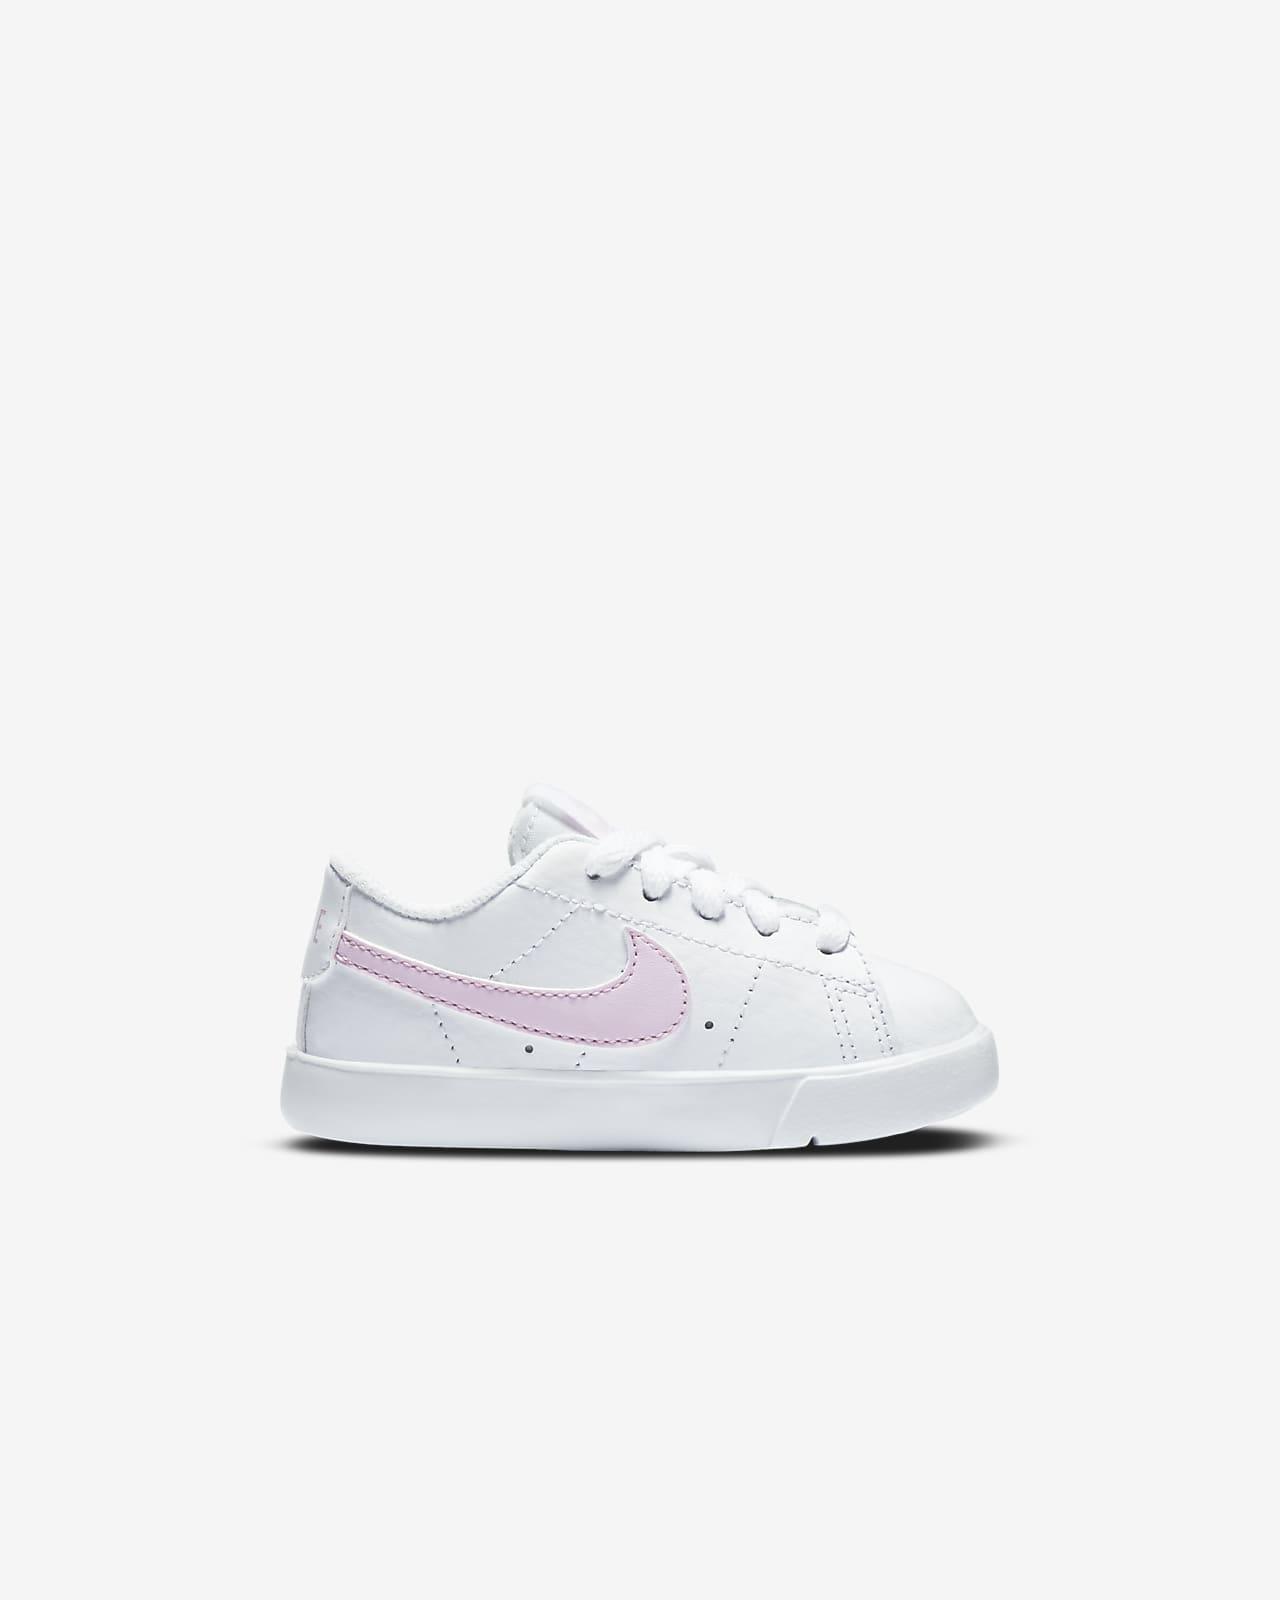 Nike Blazer Low Baby and Toddler Shoe. Nike LU